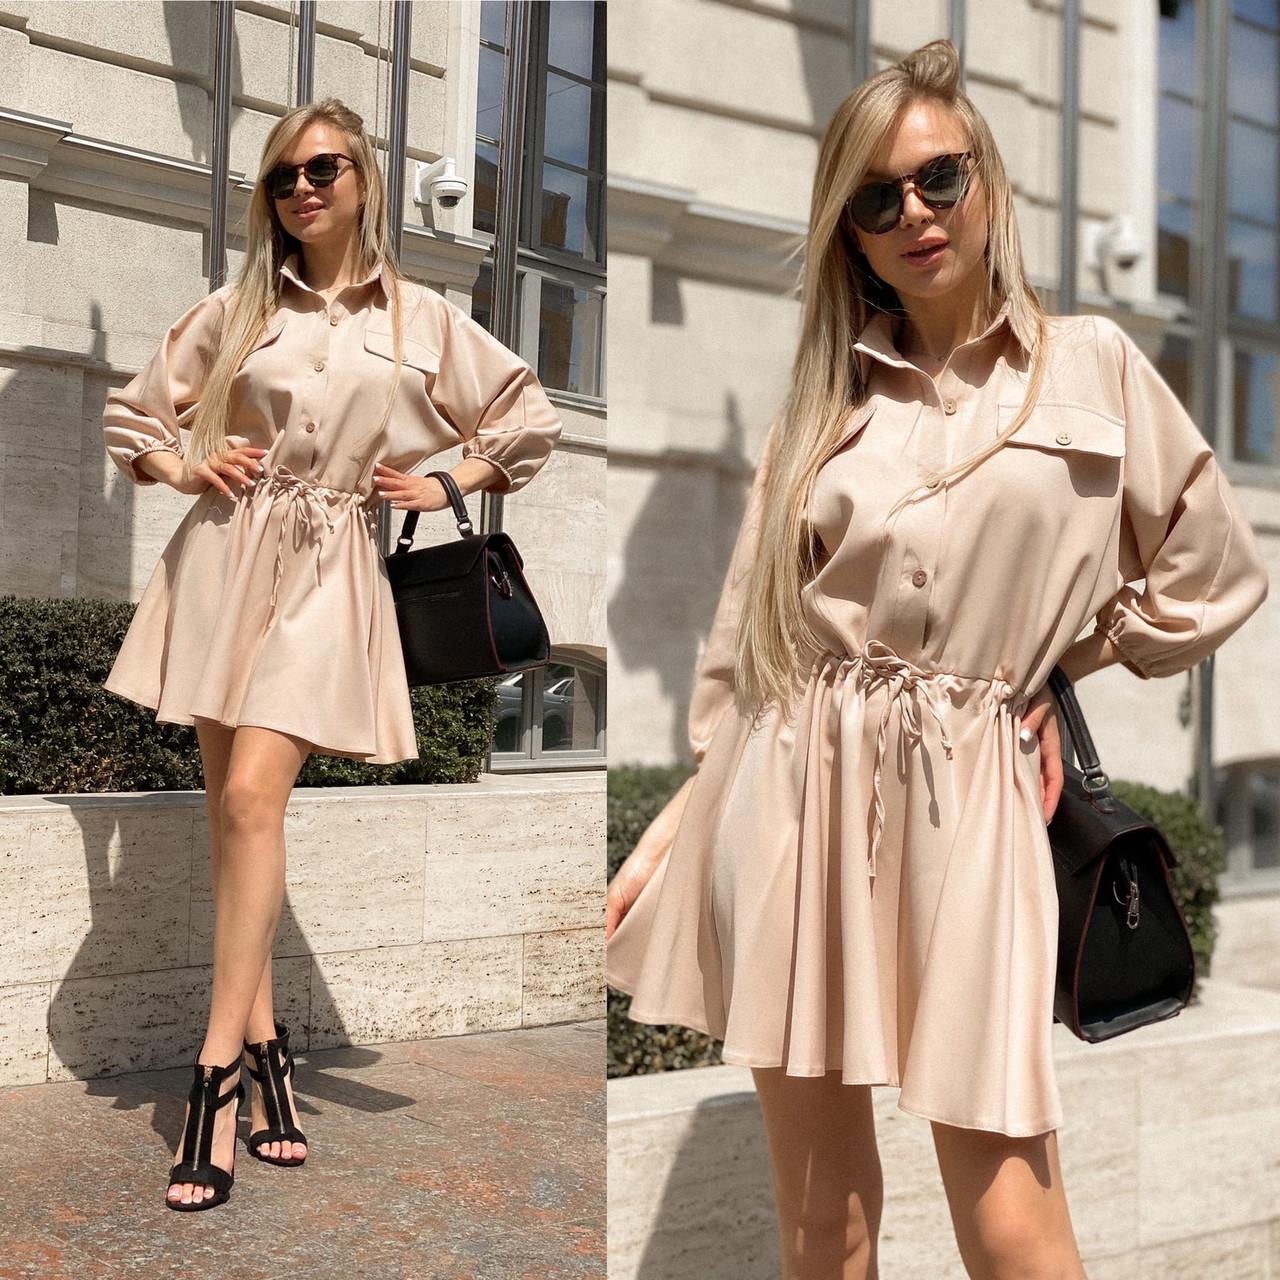 Повседневное летнее платье с резинкой на талии, расклешенная юбка, 00766 (Бежевый), Размер 44 (M)